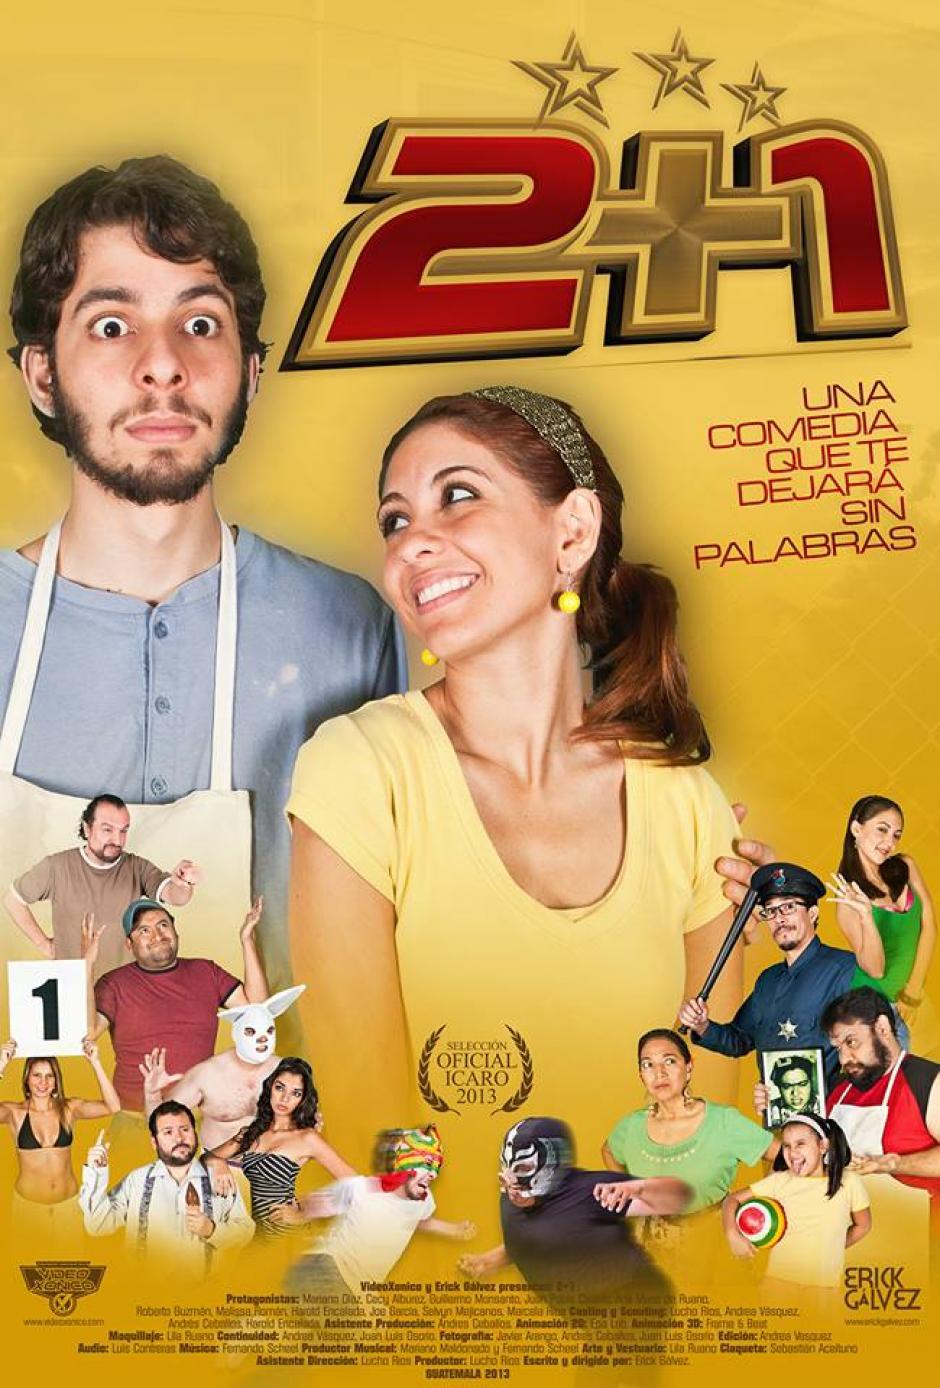 Una selección de películas guatemaltecas te espera. (Foto: 2+1)